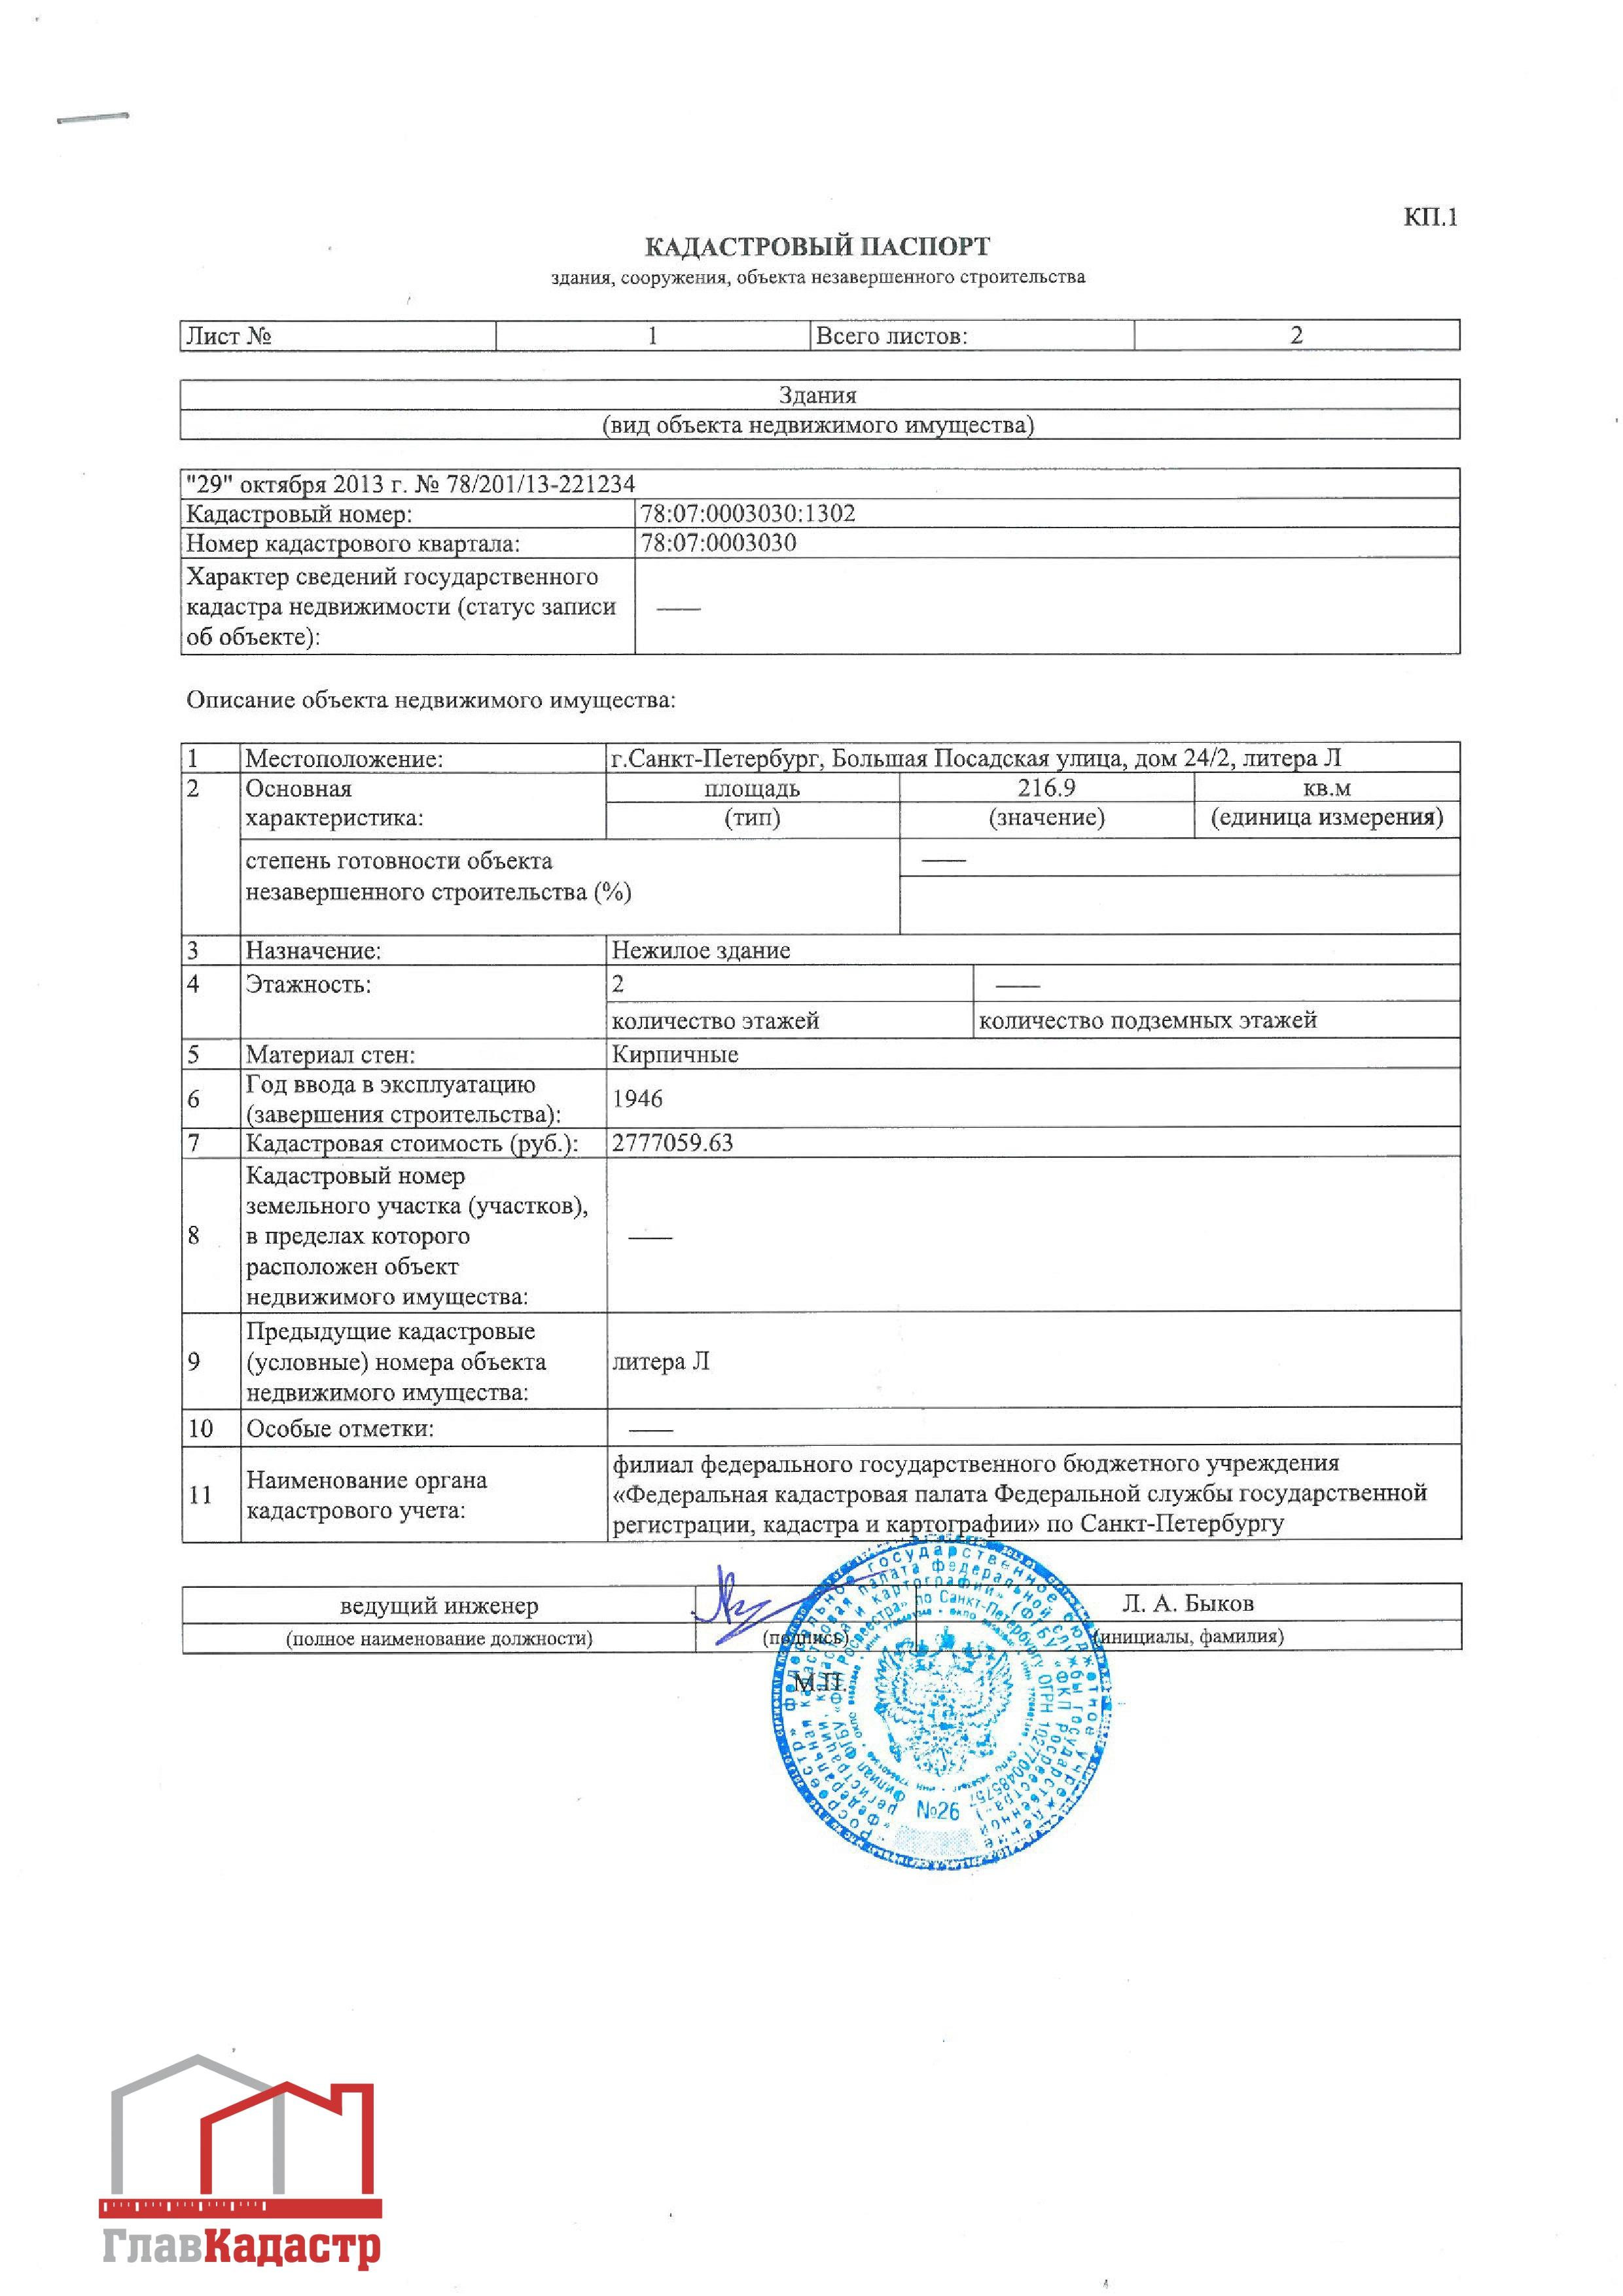 Как сделать кадастровый паспорт на построенный дом - OldKurgan.Ru